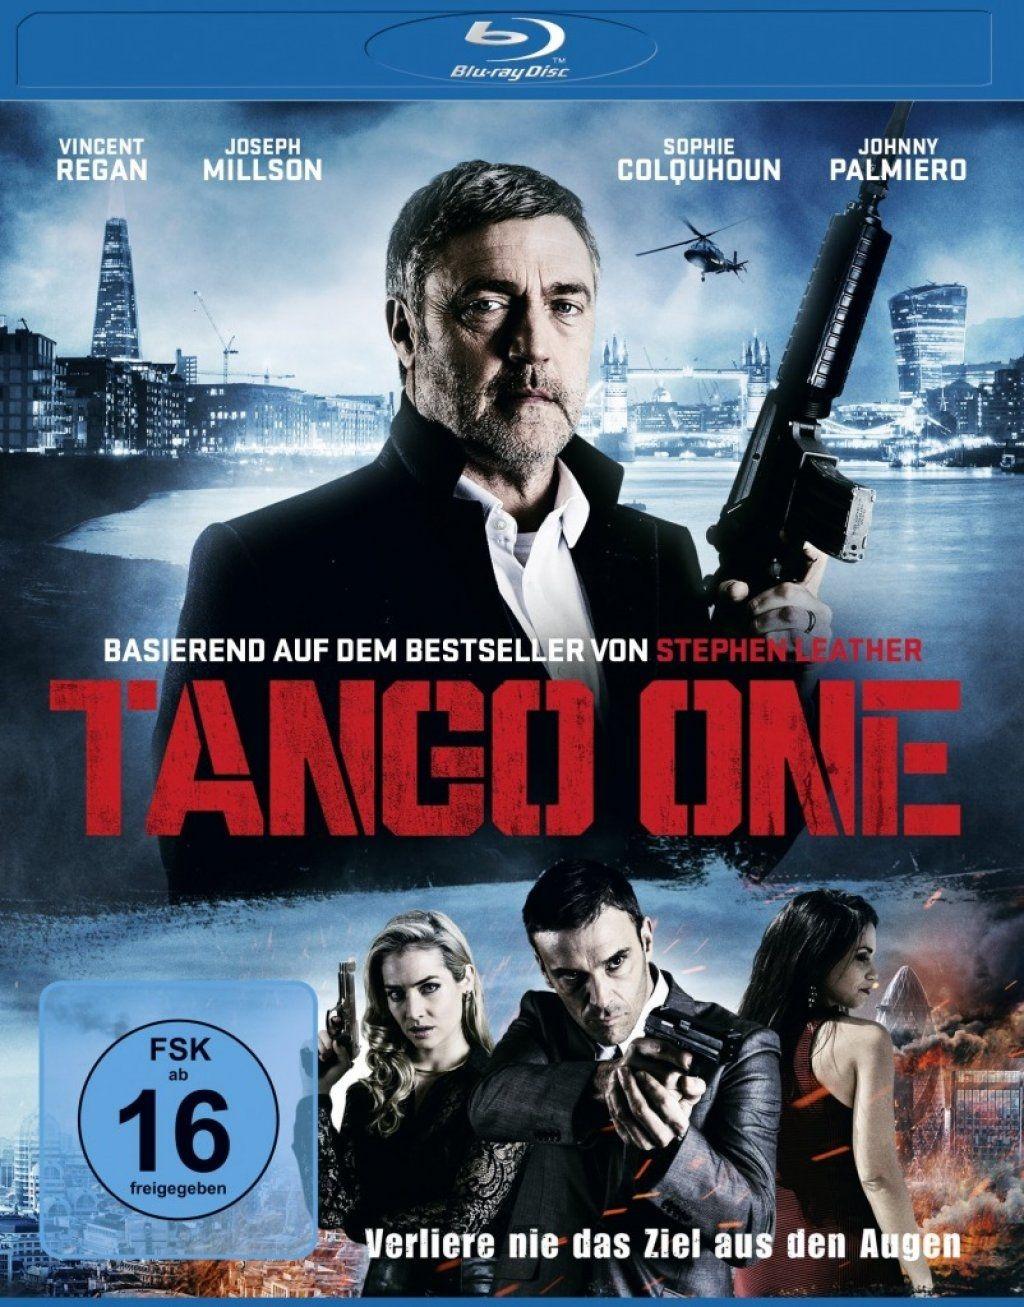 Tango One - Verliere nie das Ziel aus den Augen (BLURAY)